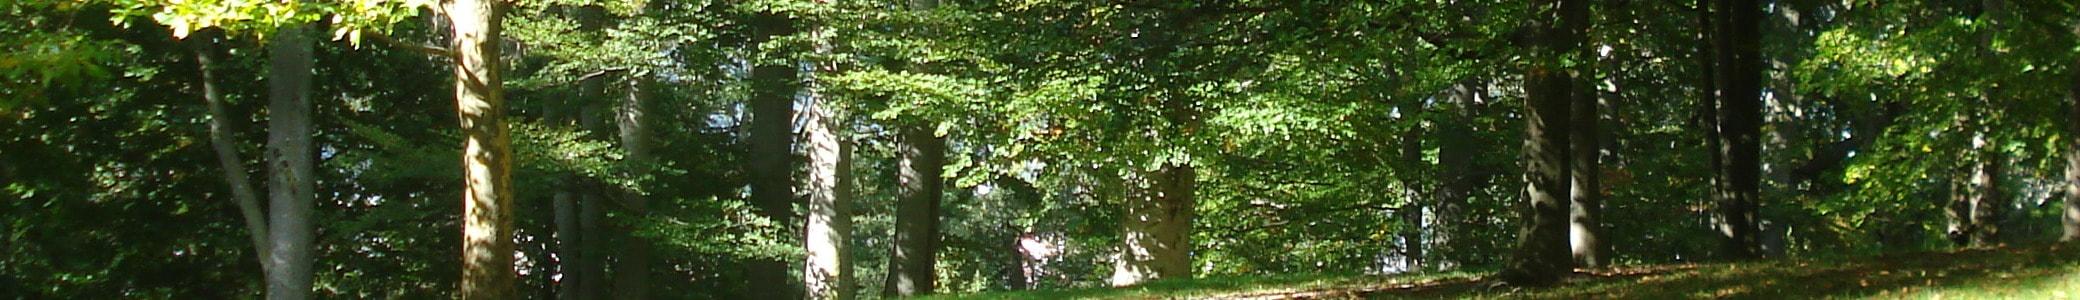 Verein für Gartenbau und Landespflege Straubing e.V.